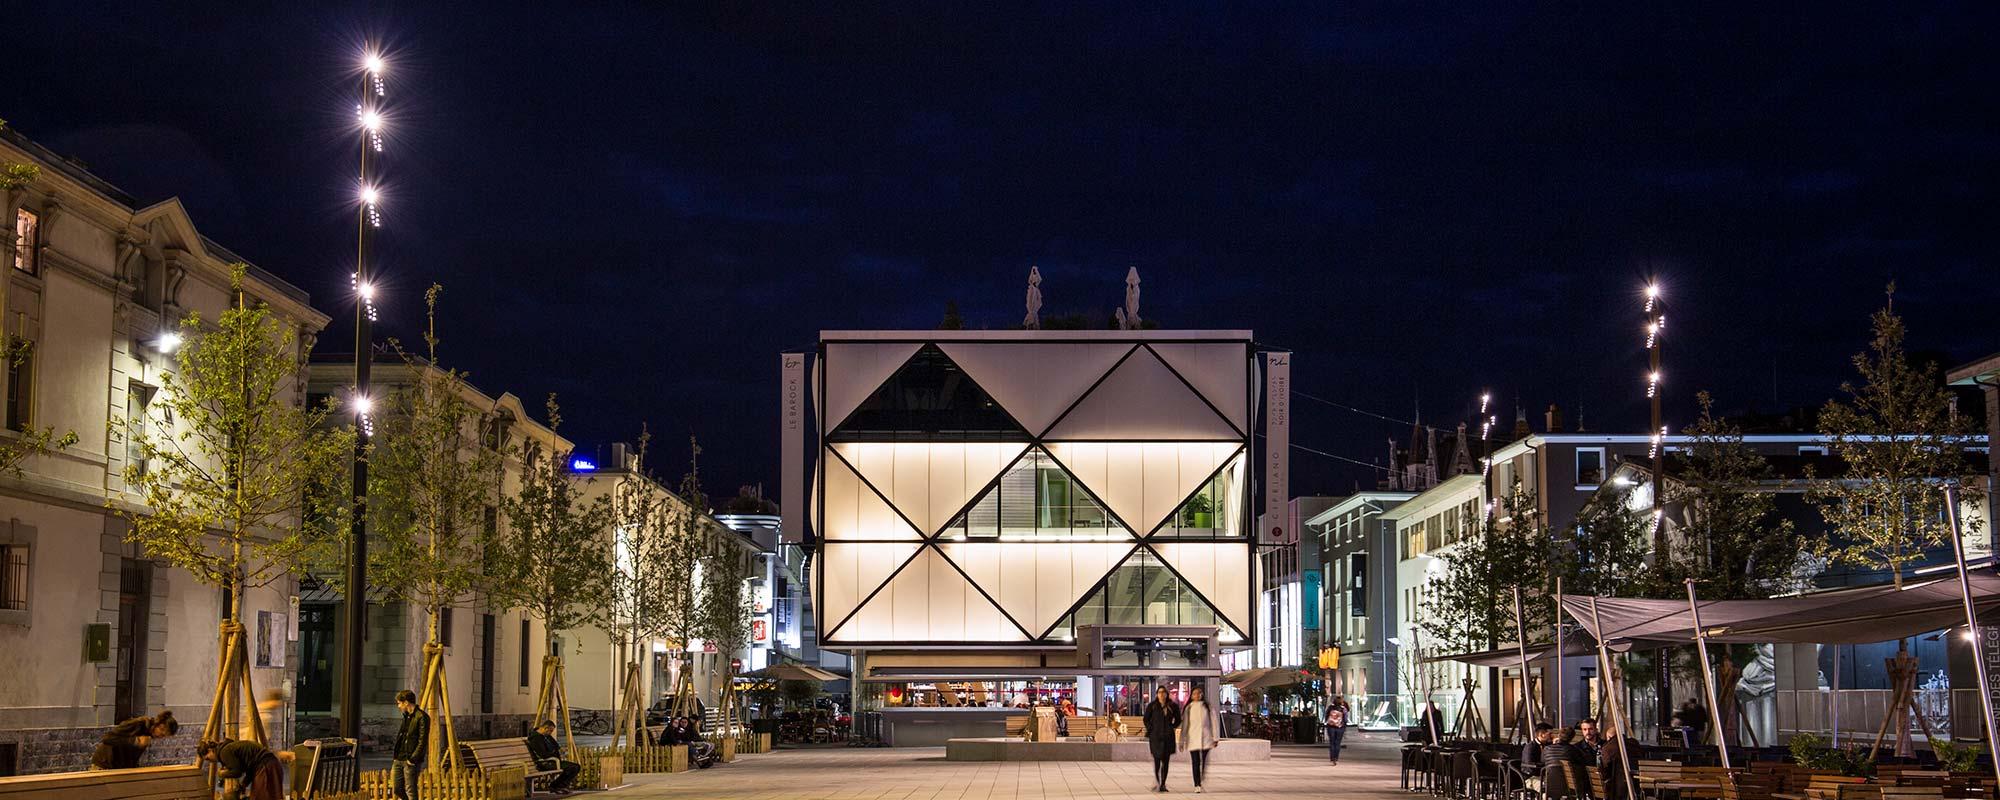 D_Lausanne_Place-du-Flon_1